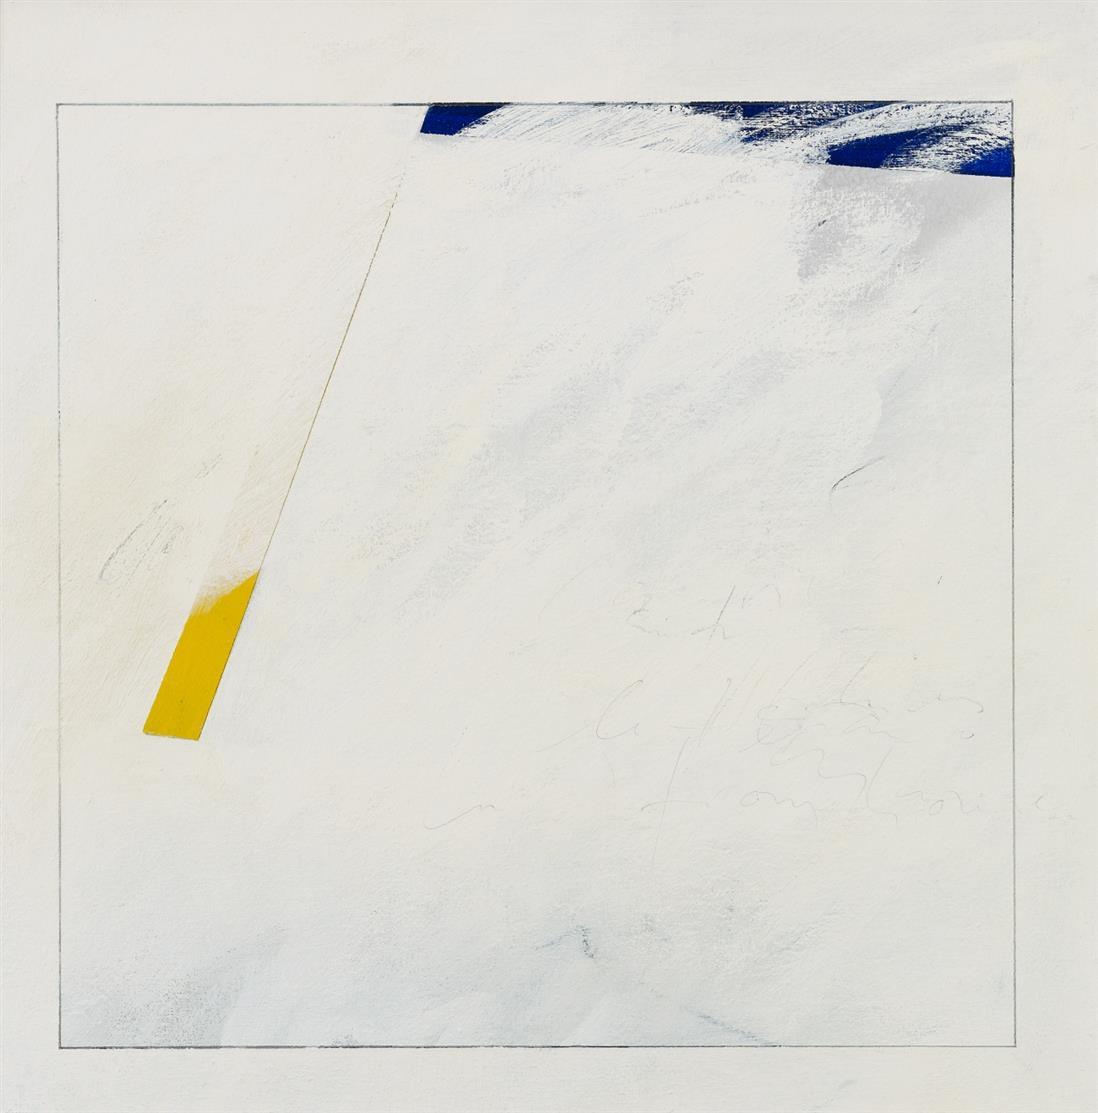 Peter Willen. Ohne Titel. 1986. Acryl, Tempera, Tusche und Bleistift auf Lwd. Signiert.